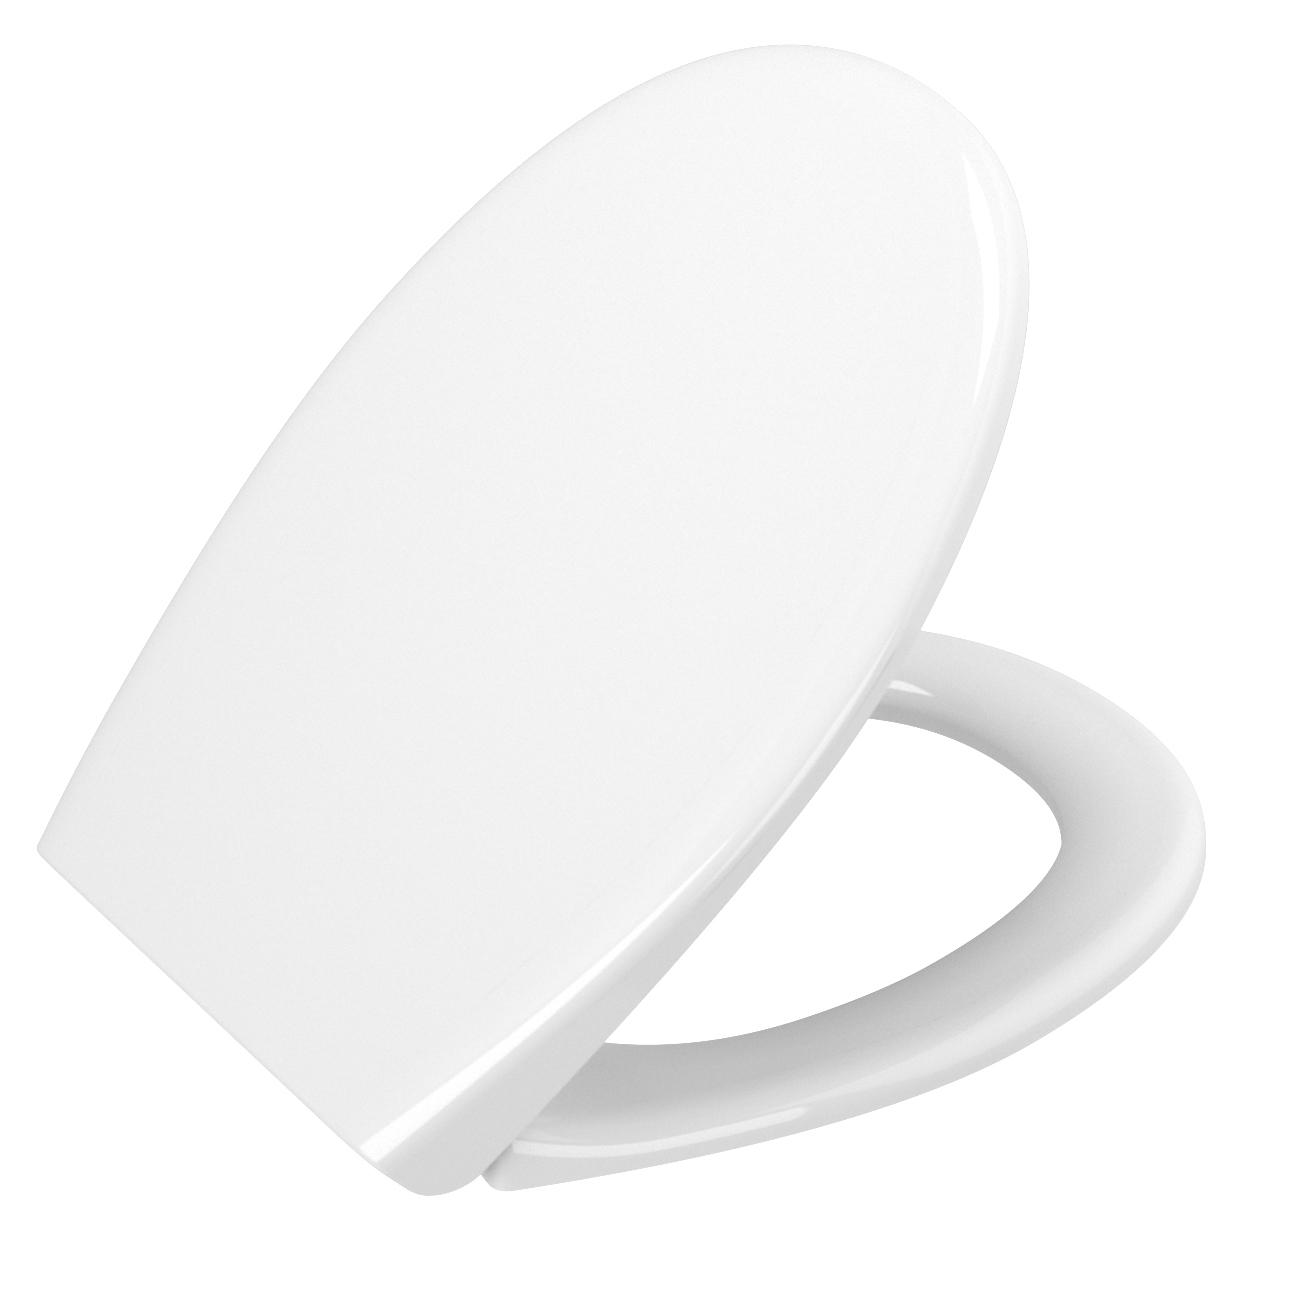 S20 WC-Sitz Universal, zu runden spülrandlosen WCs mit Absenkautomatik, Weiß Hochglanz